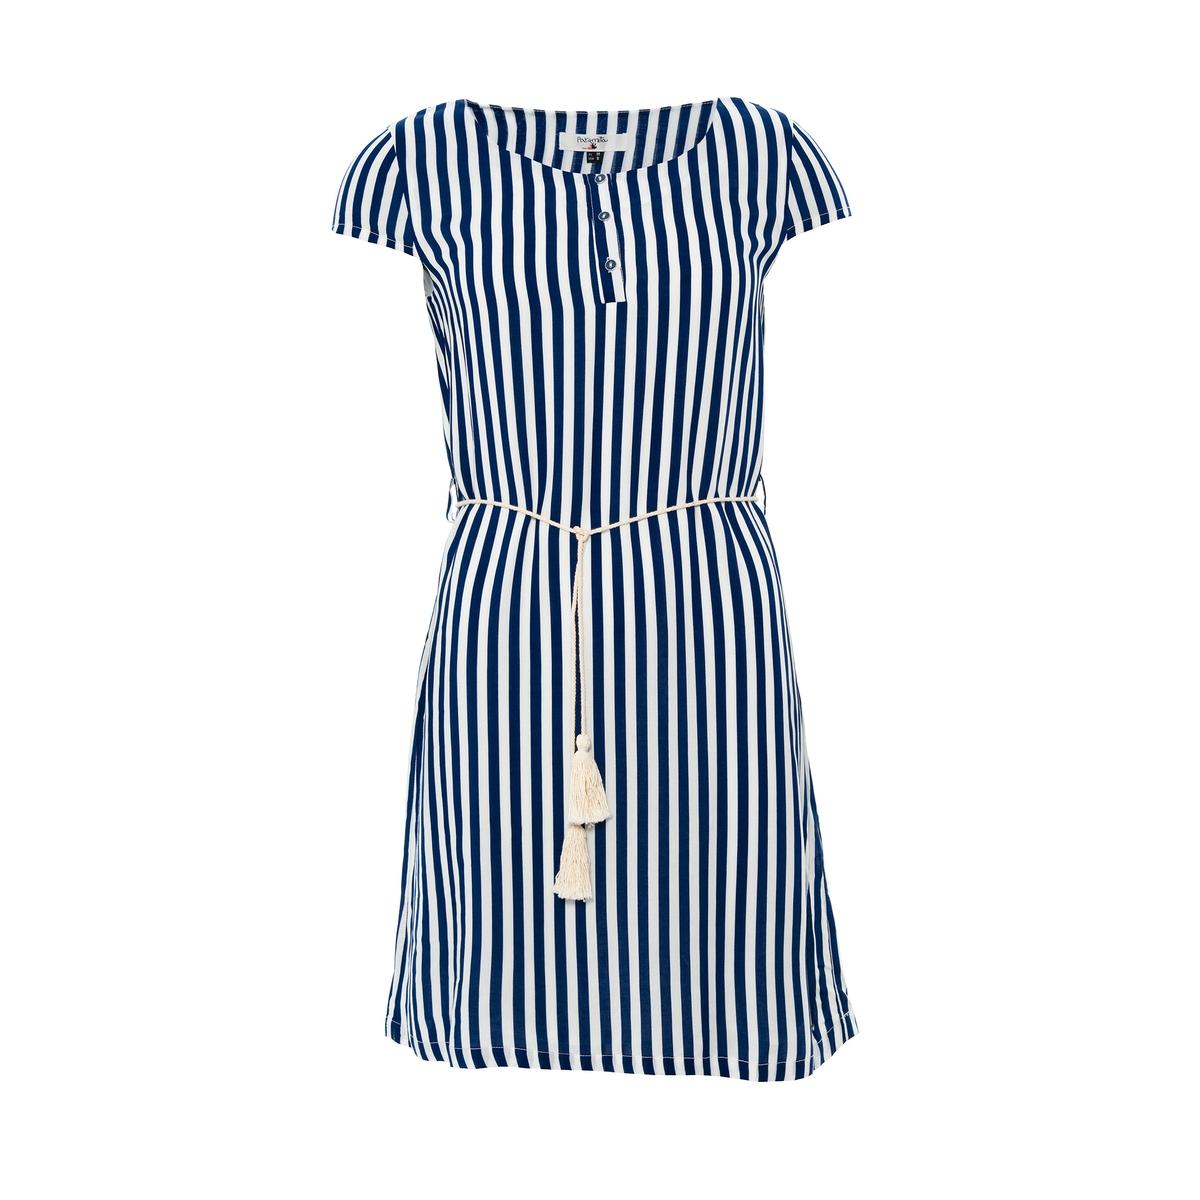 Платье с короткими рукавами в полоску и круглым вырезом, PARAMITAСостав и описание :Материал : 100% вискозыМарка : PARAMITA<br><br>Цвет: в бело-синюю полоску<br>Размер: L.M